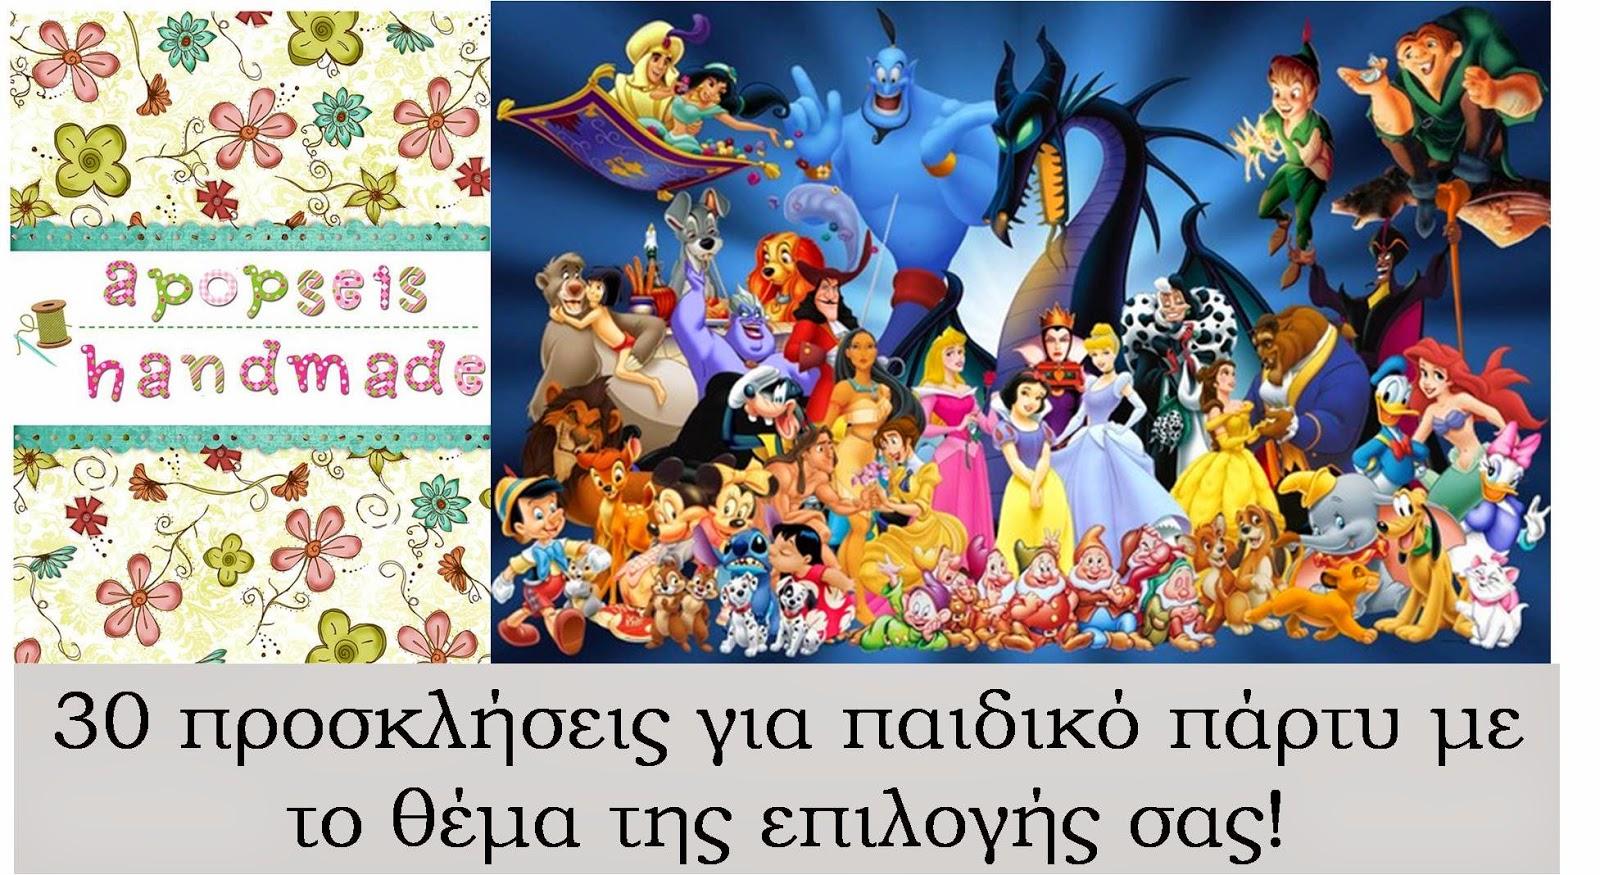 Διαγωνισμός με Παιδικές Θεματικές προσκλήσεις για πάρτυ!